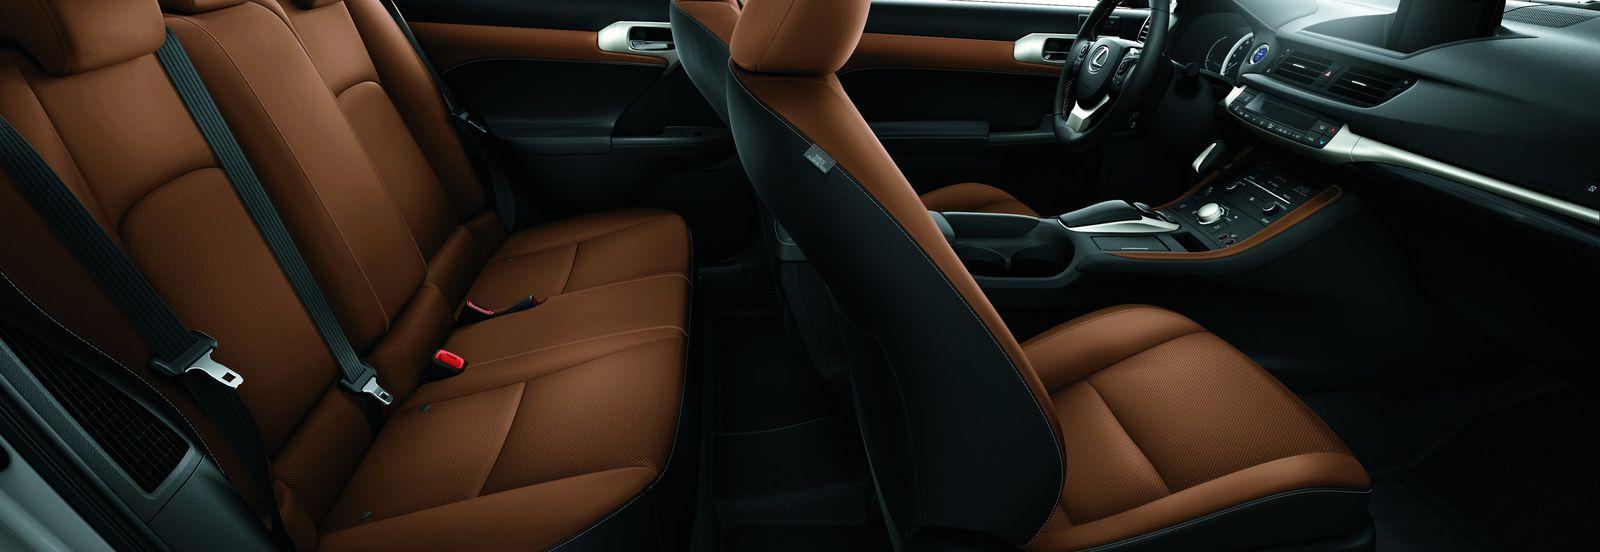 Car interior material - Leather Interior On A Lexus Ct200h Increases Premium Feel